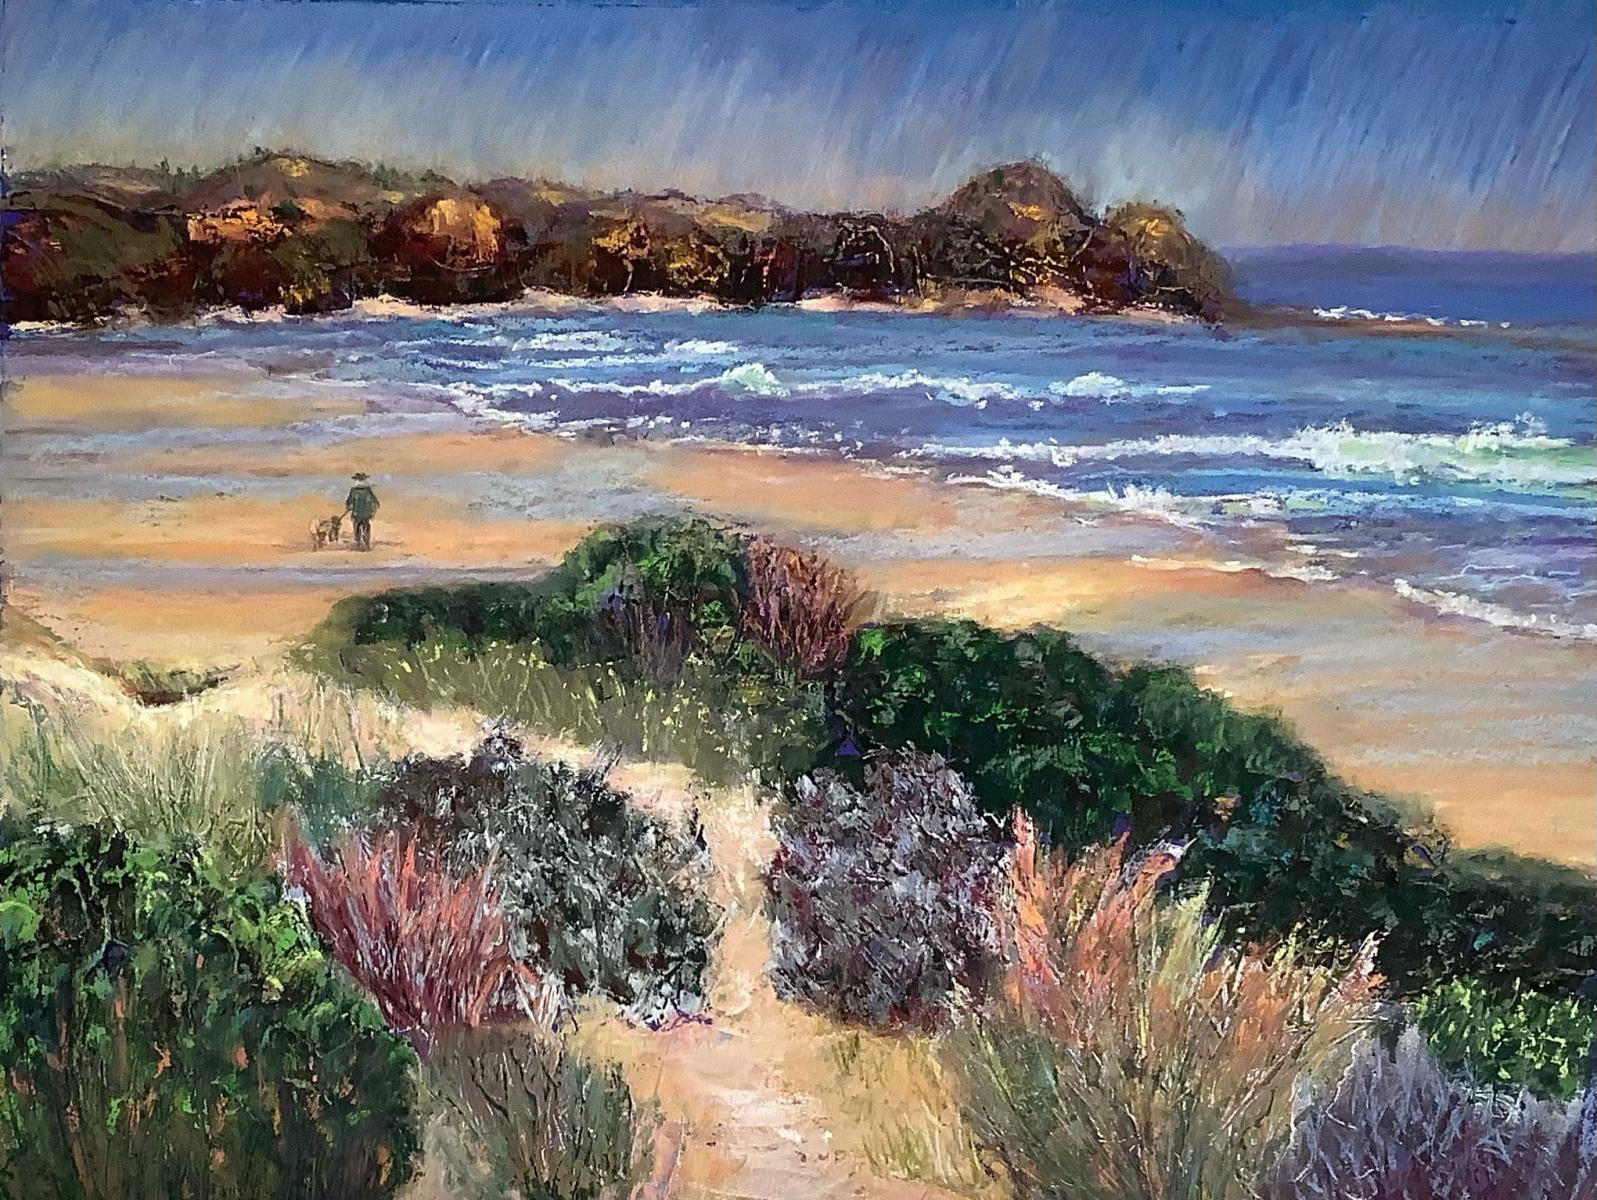 Coastal Walk from Ryle - Rosemary Morgan